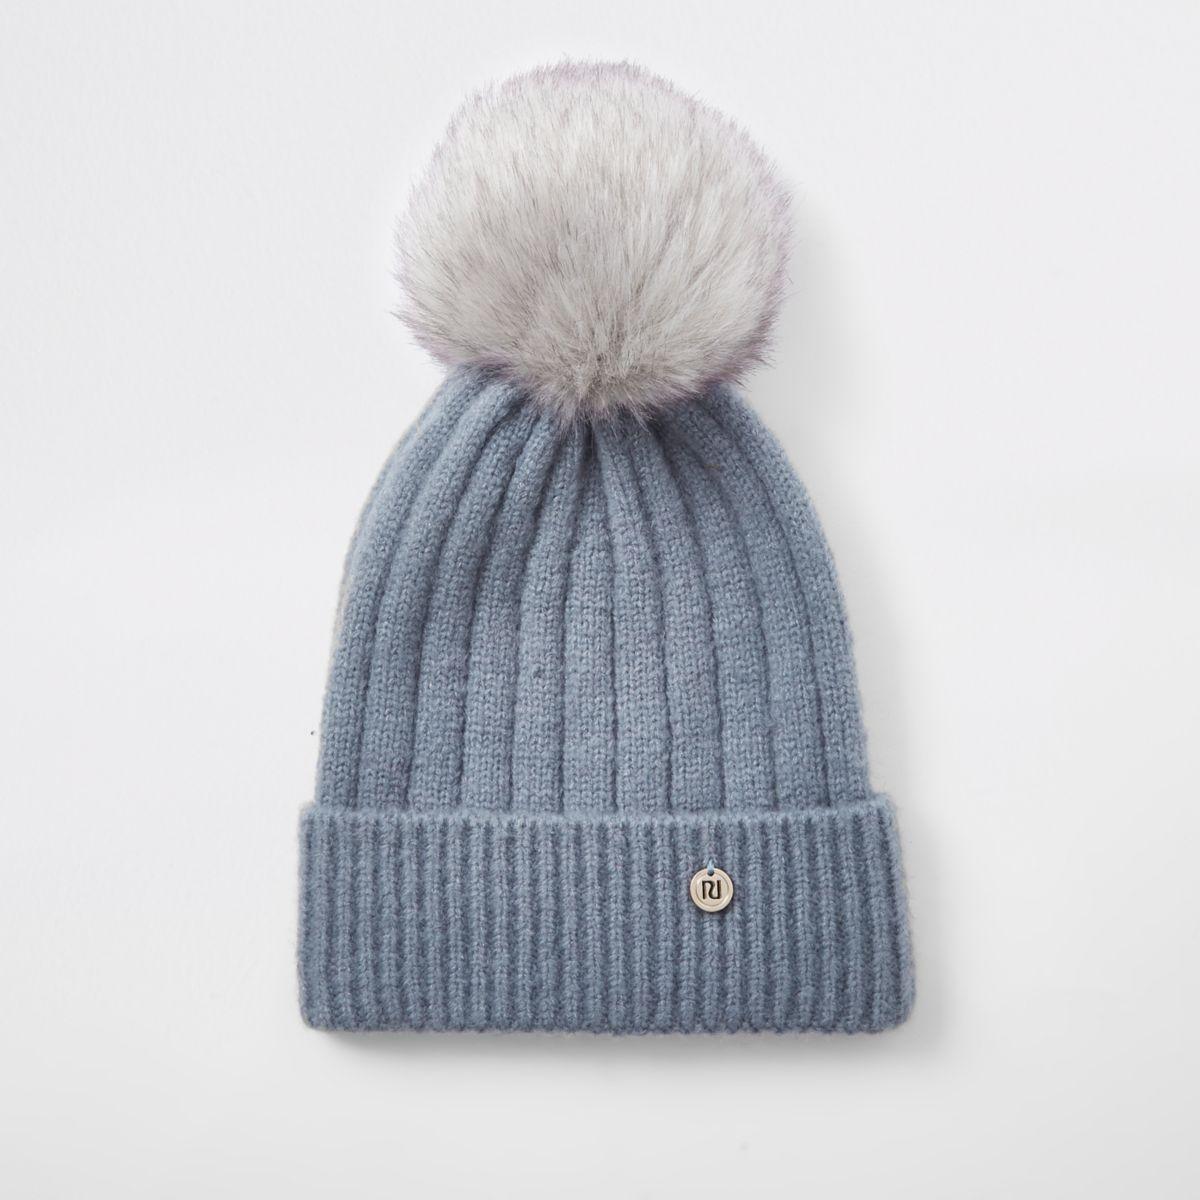 c037fc42bac Light blue faux fur bobble knit beanie hat - Hats - Accessories - women